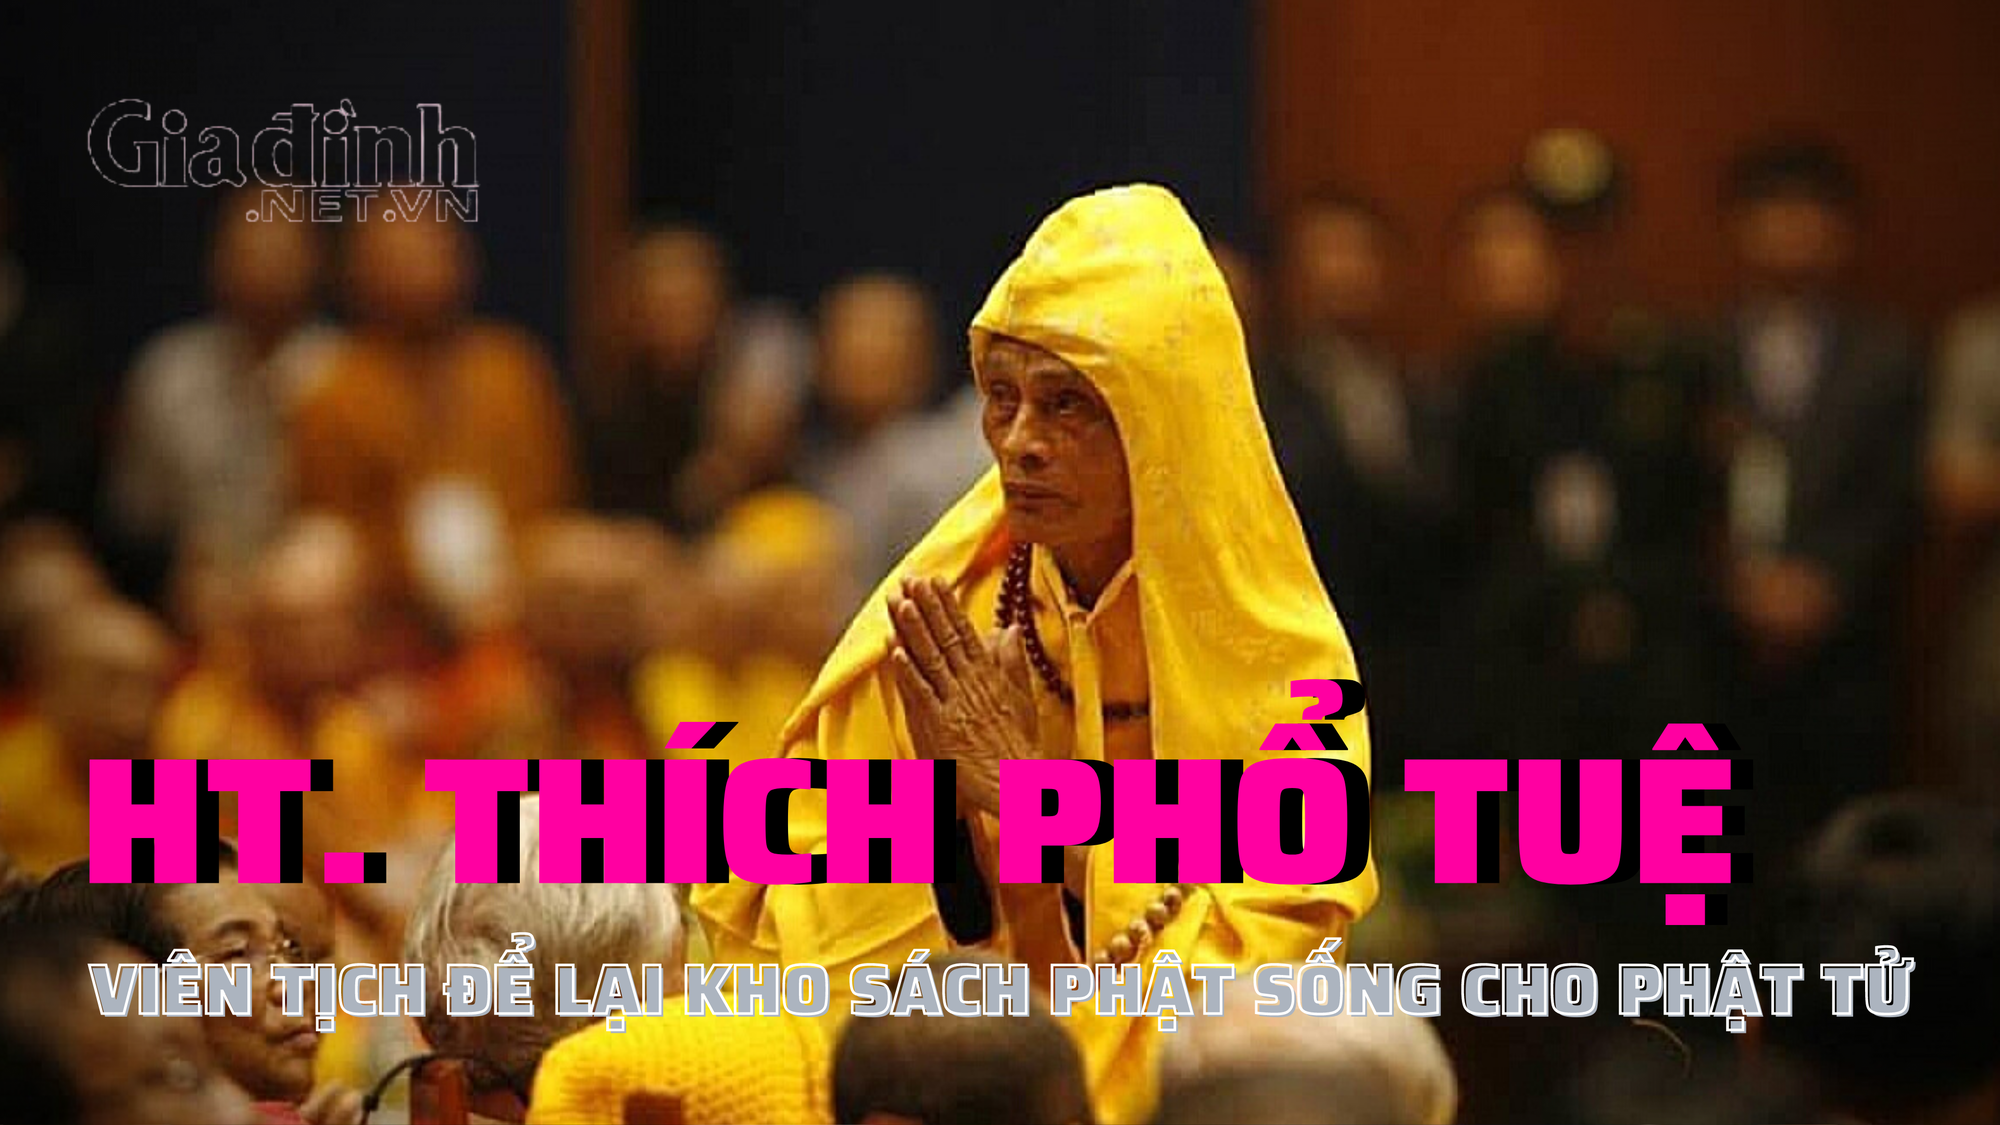 Pháp chủ Giáo hội Phật giáo Việt Nam viên tịch để lại kho sách quý cho các phật tử